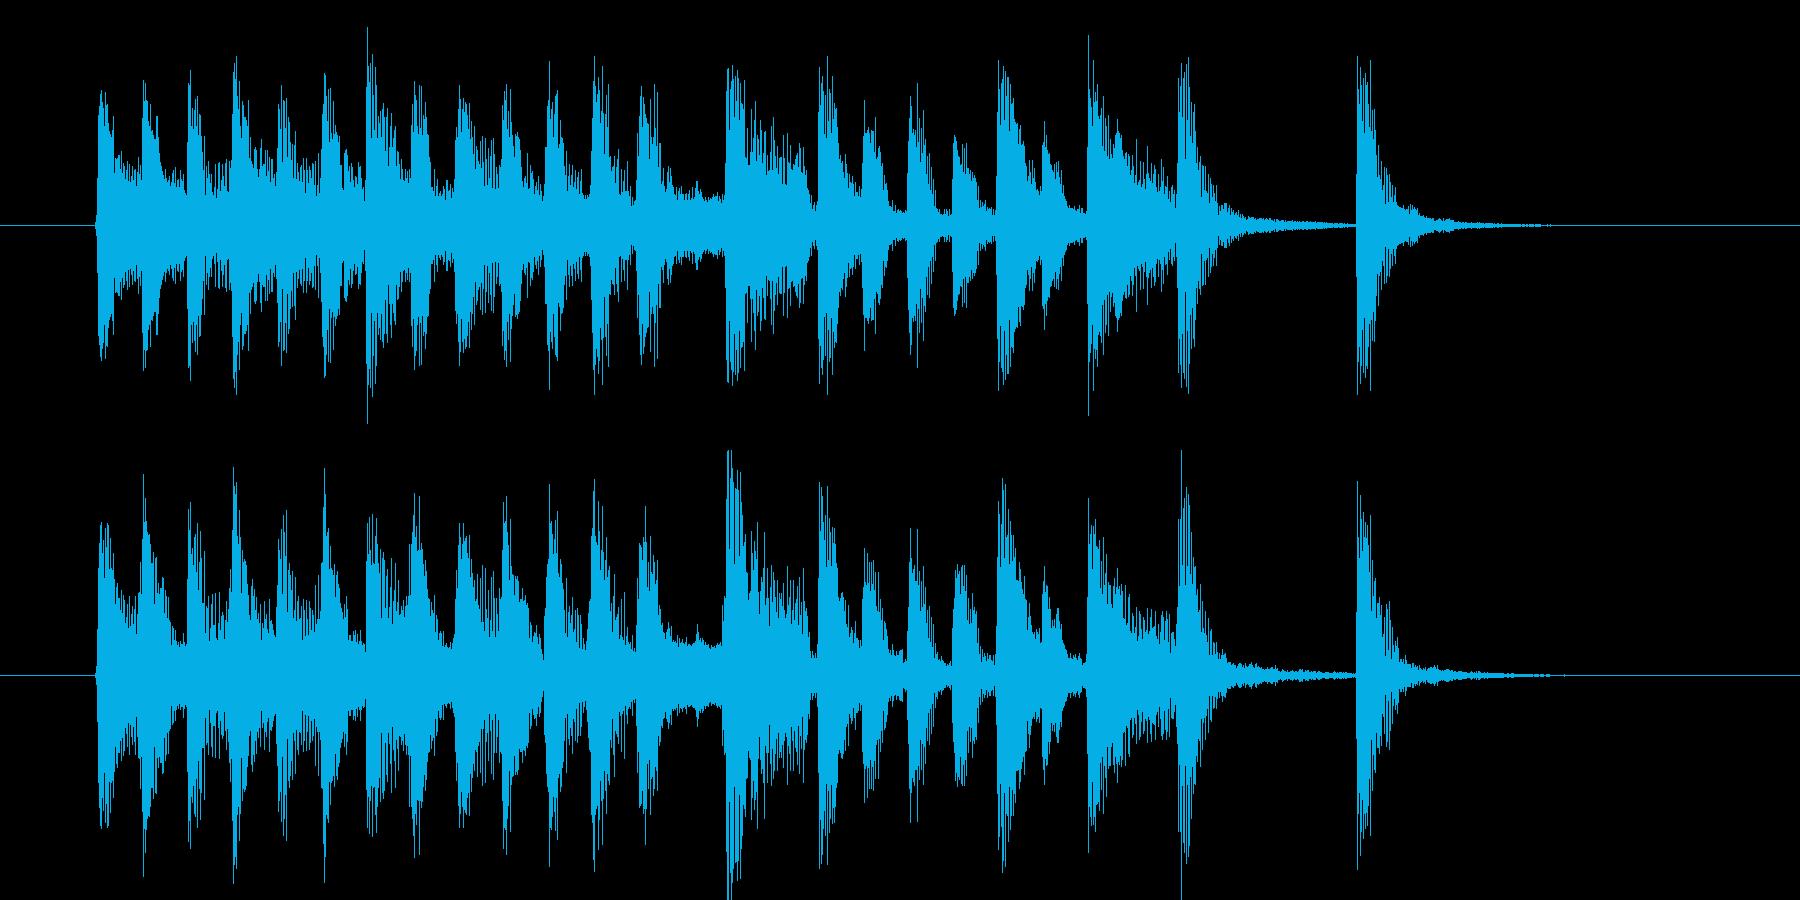 可憐でキャッチ―なポップピアノジングルの再生済みの波形